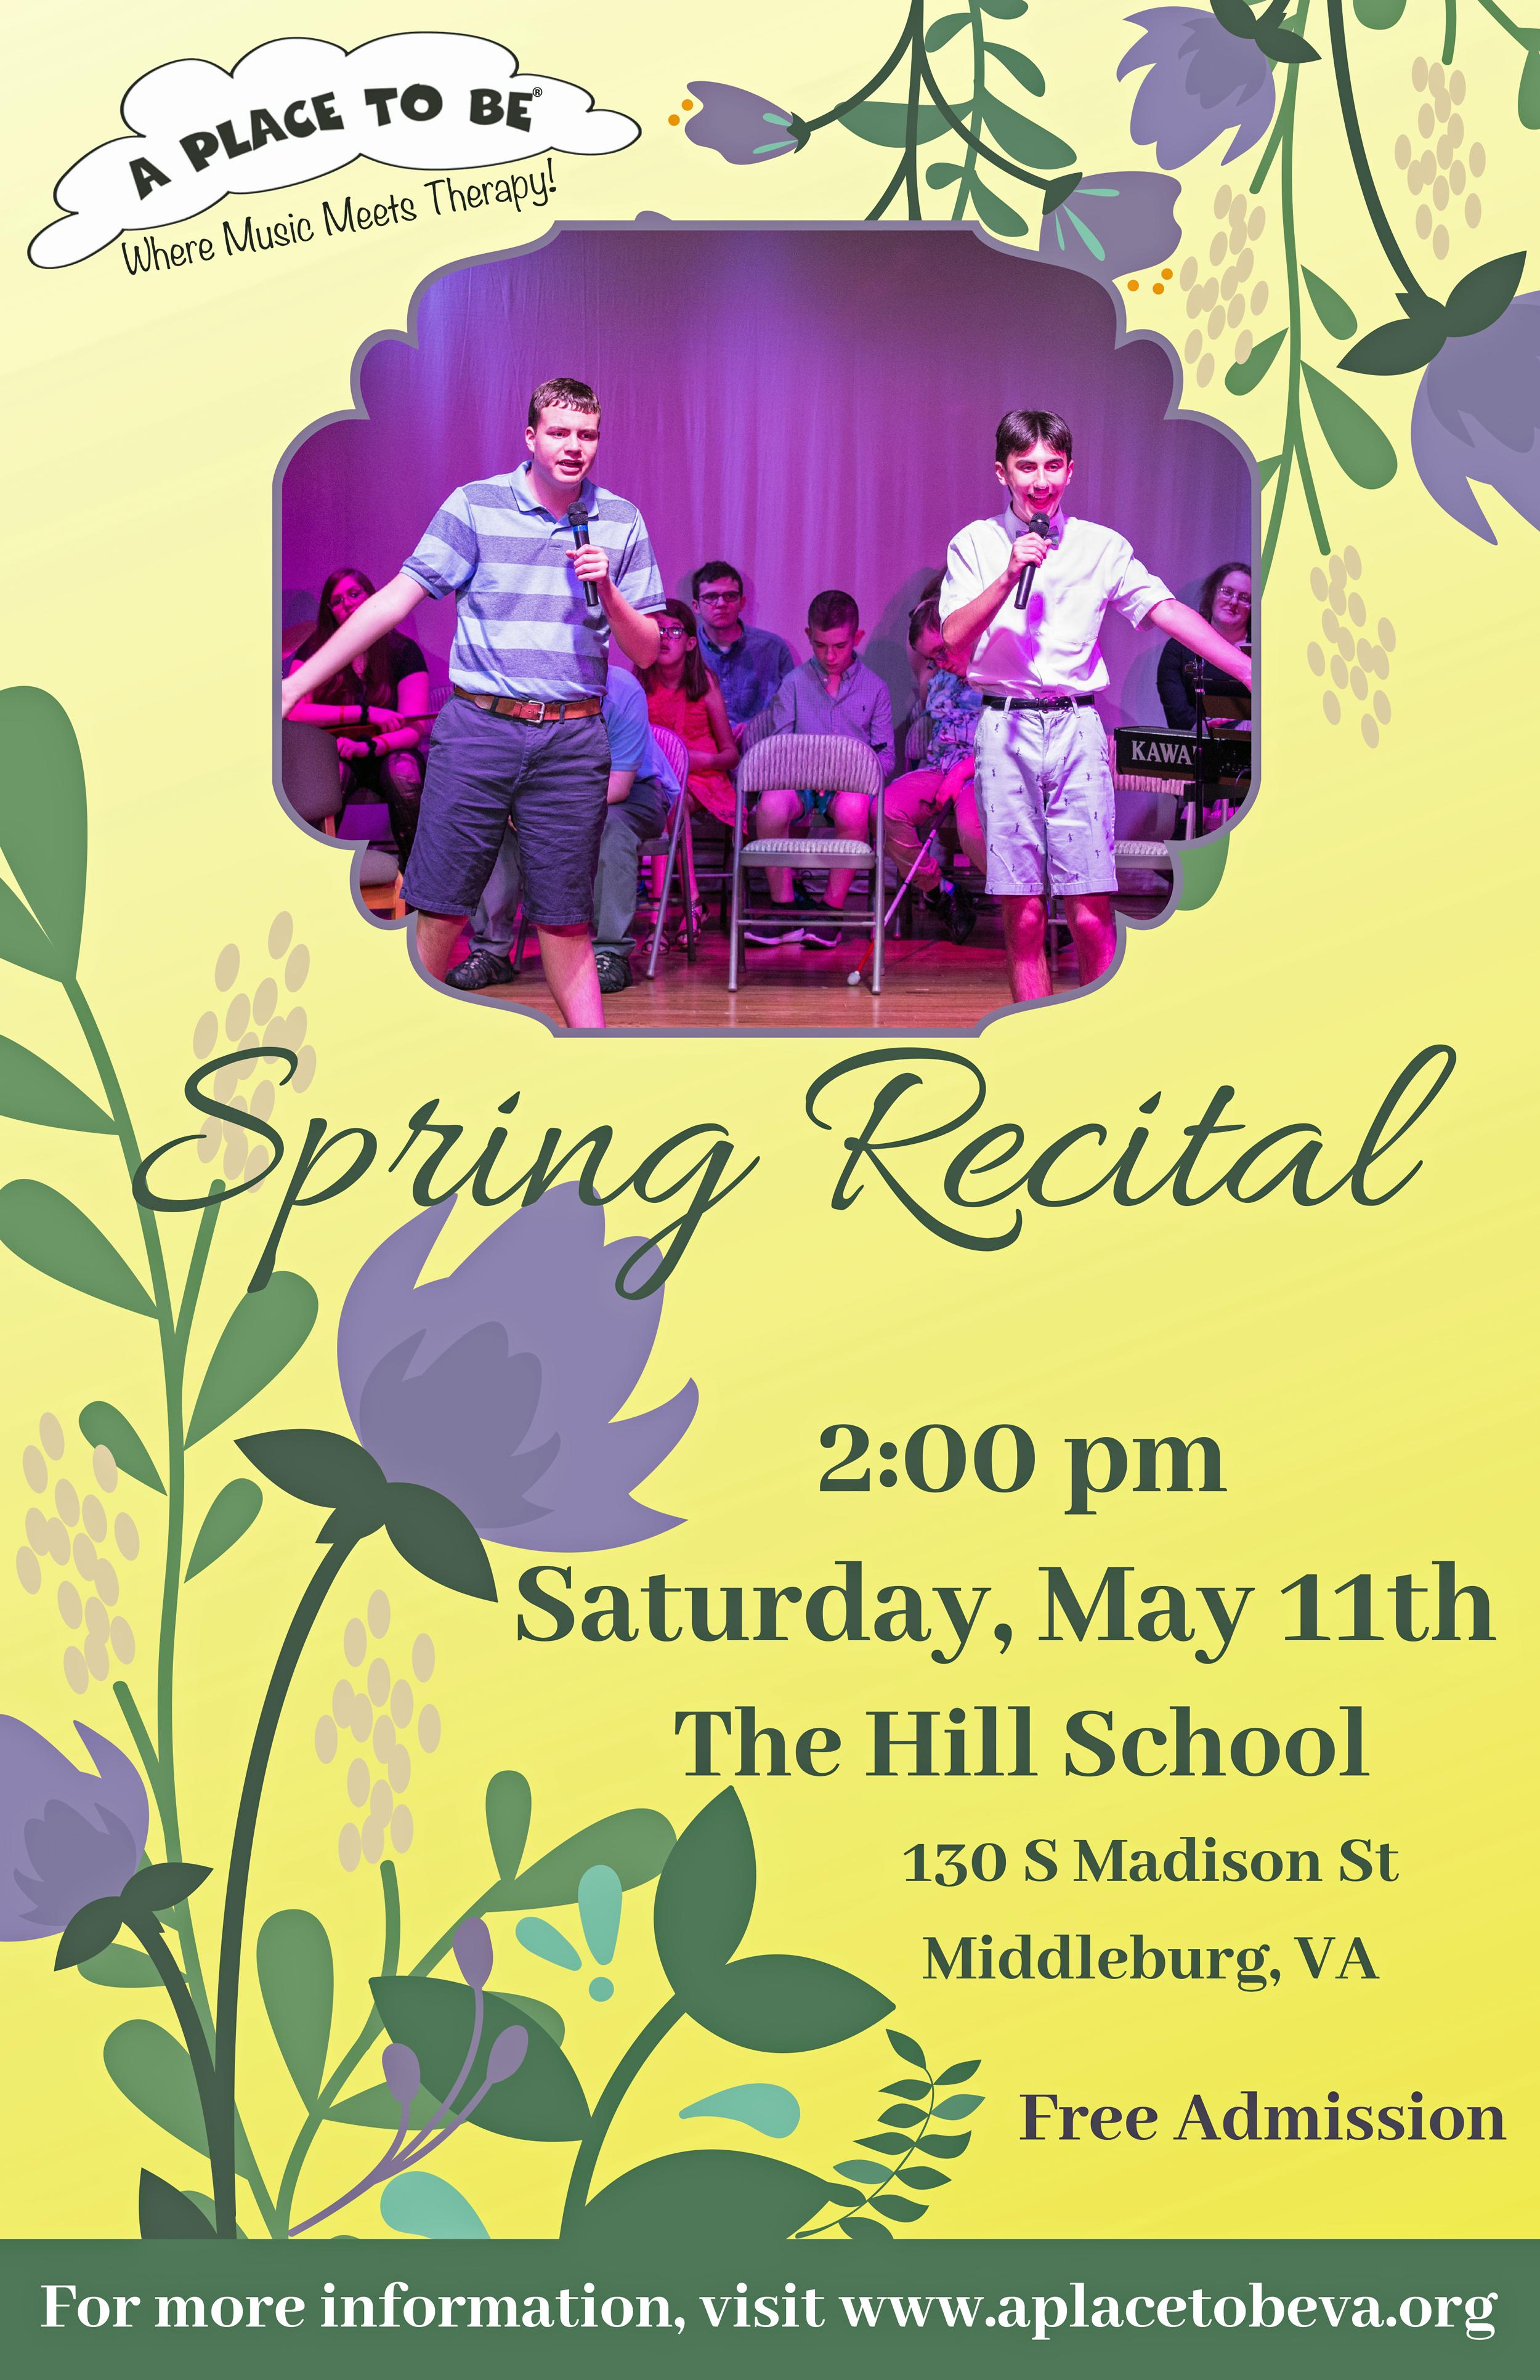 Spring-Recital-7-1.jpg